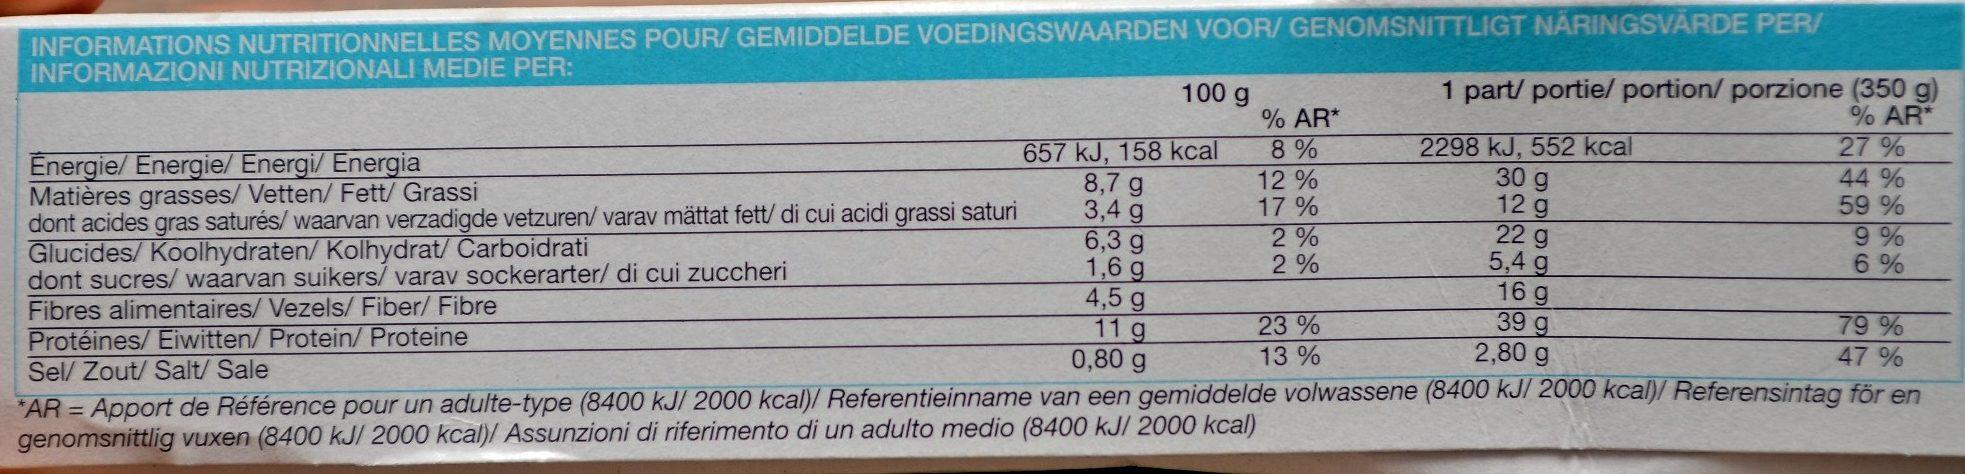 Petit Salé aux Lentilles Vertes - Informations nutritionnelles - fr